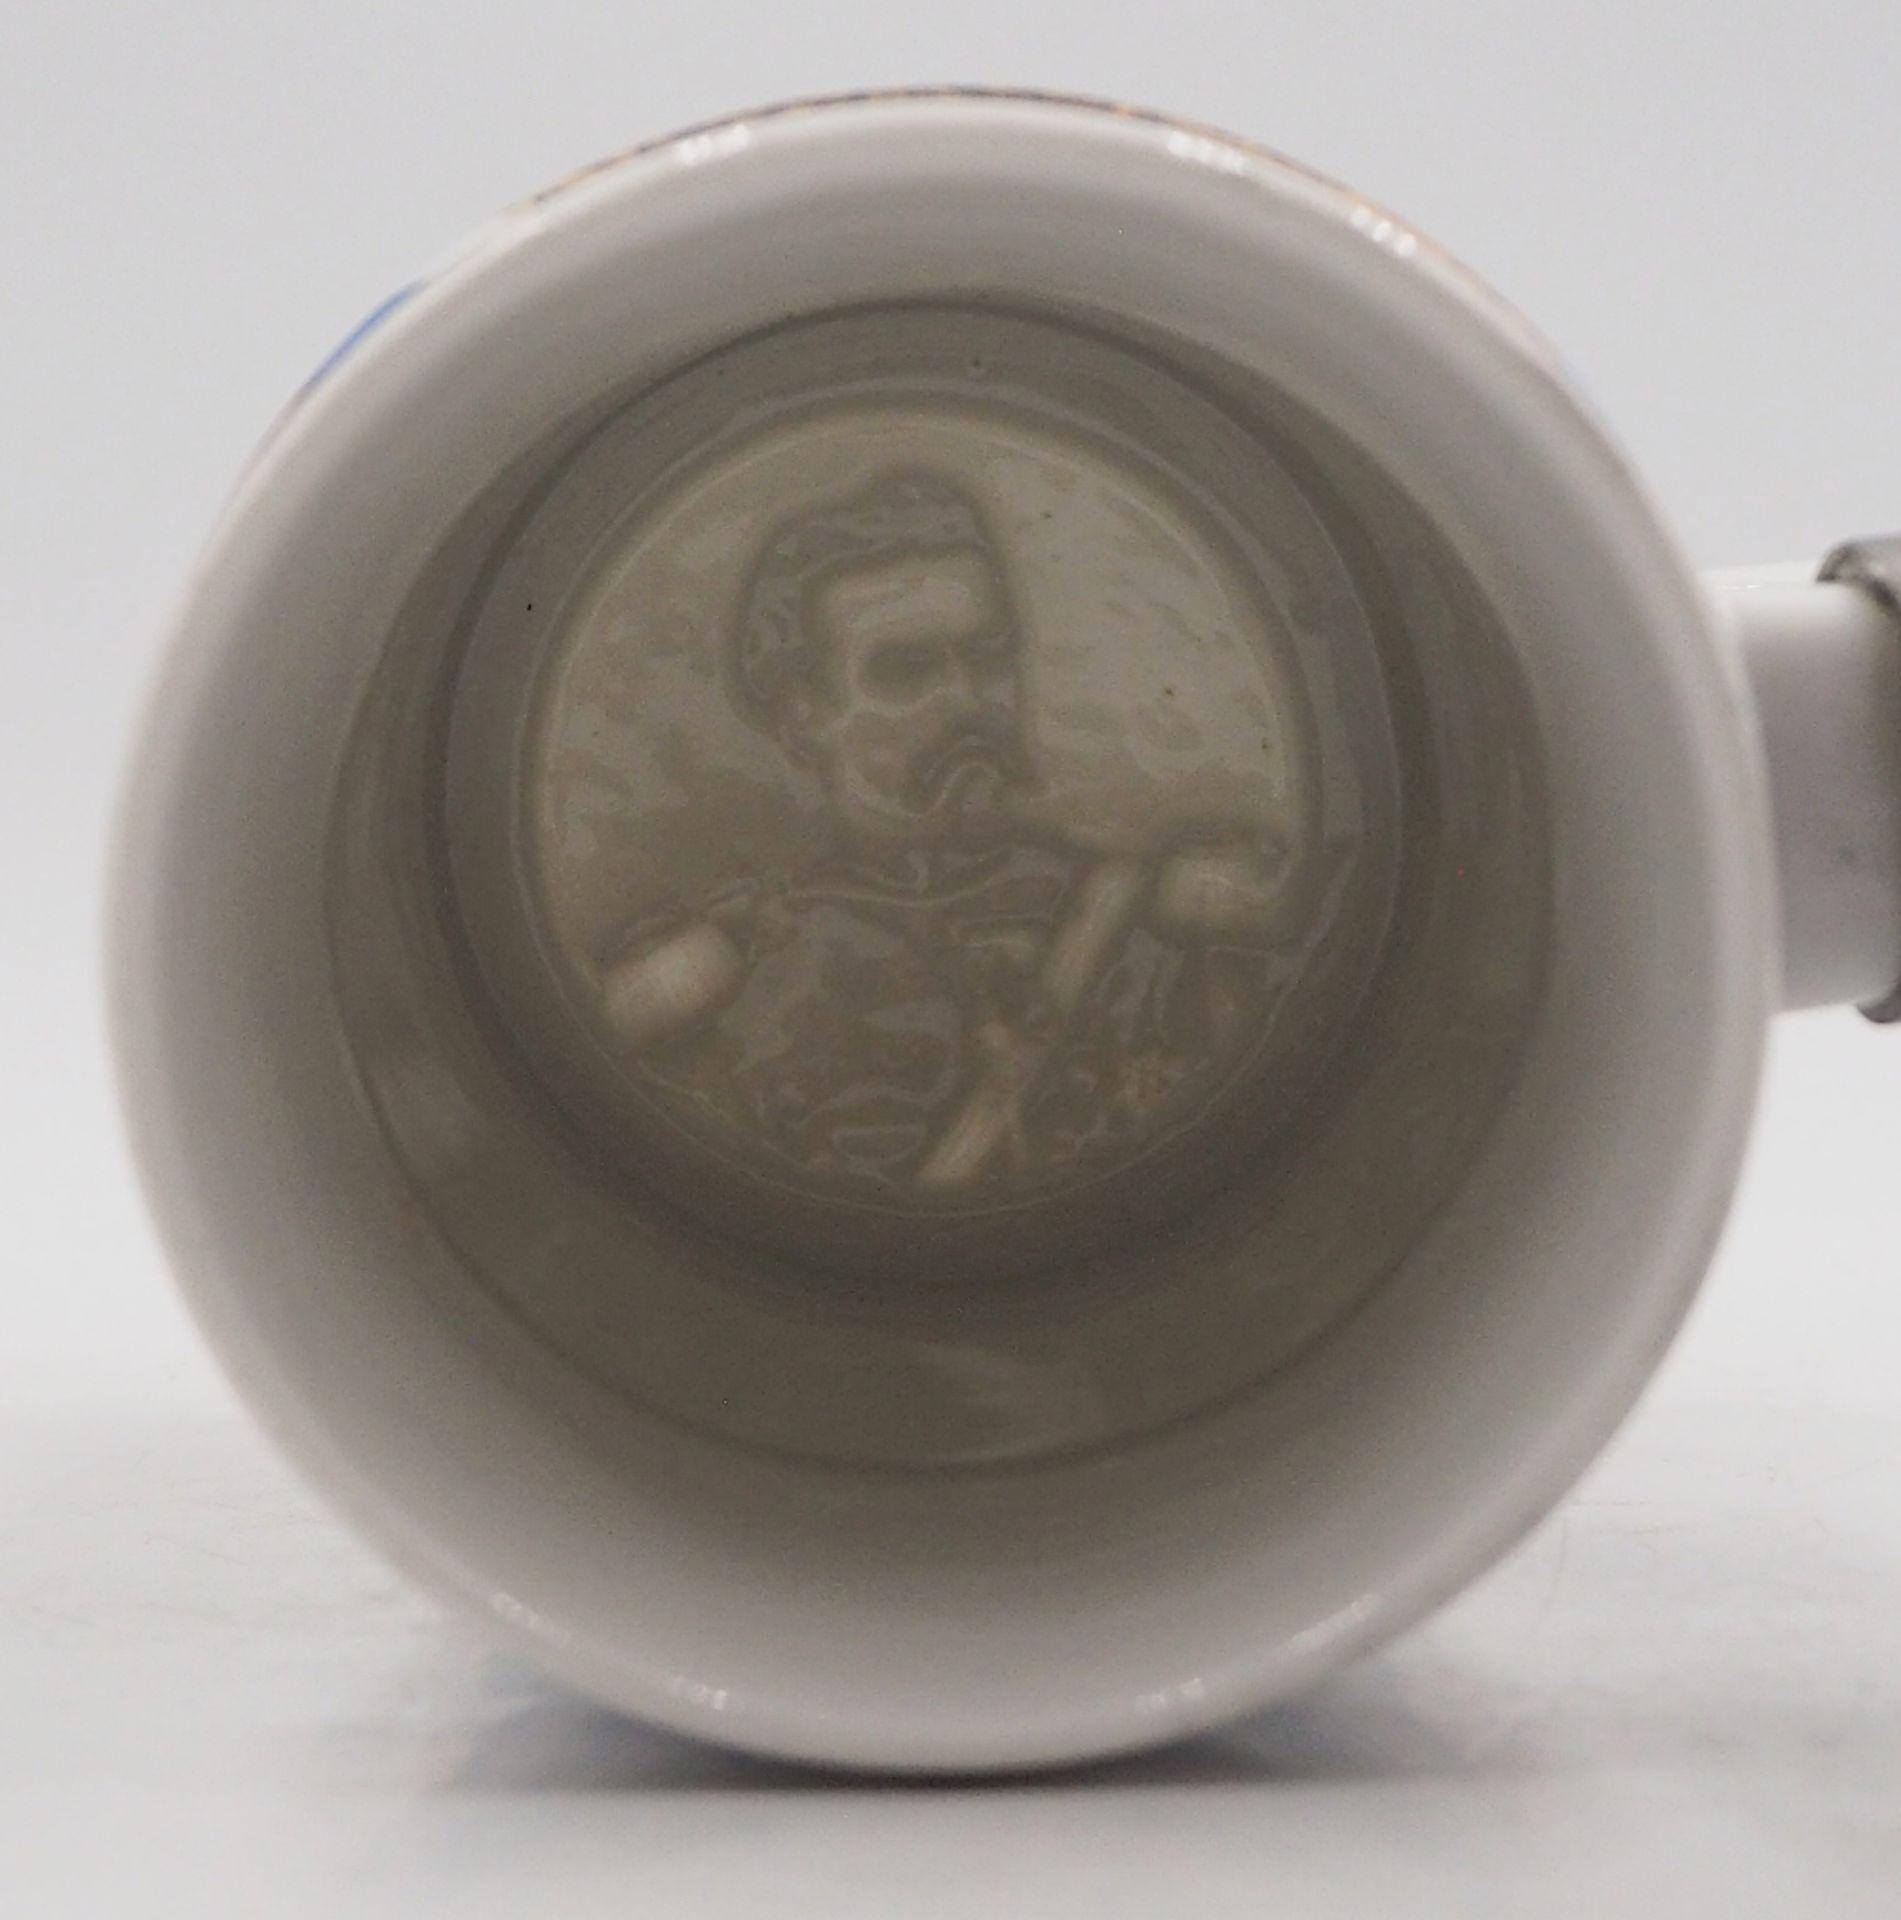 """1 Reservistenkrug """"Kgl. bayr. 14. Inft. Regt. """"Hartmann"""" 7. Comp. Nürnberg 1904-06"""" W - Bild 2 aus 6"""